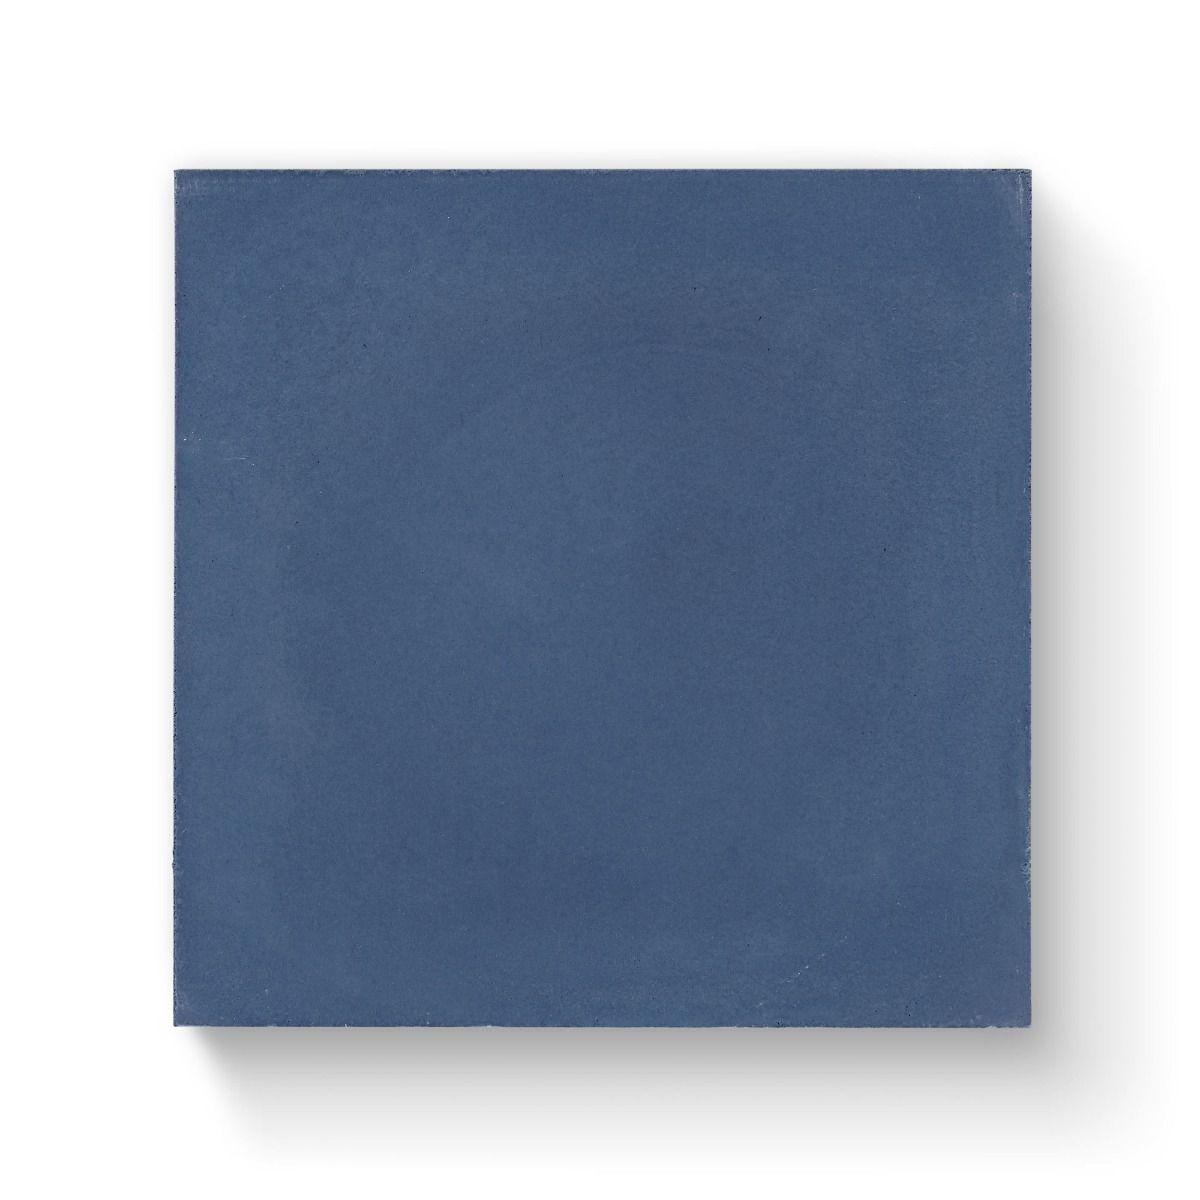 Bert & May Navy Plain Tile 20cm x 20cm